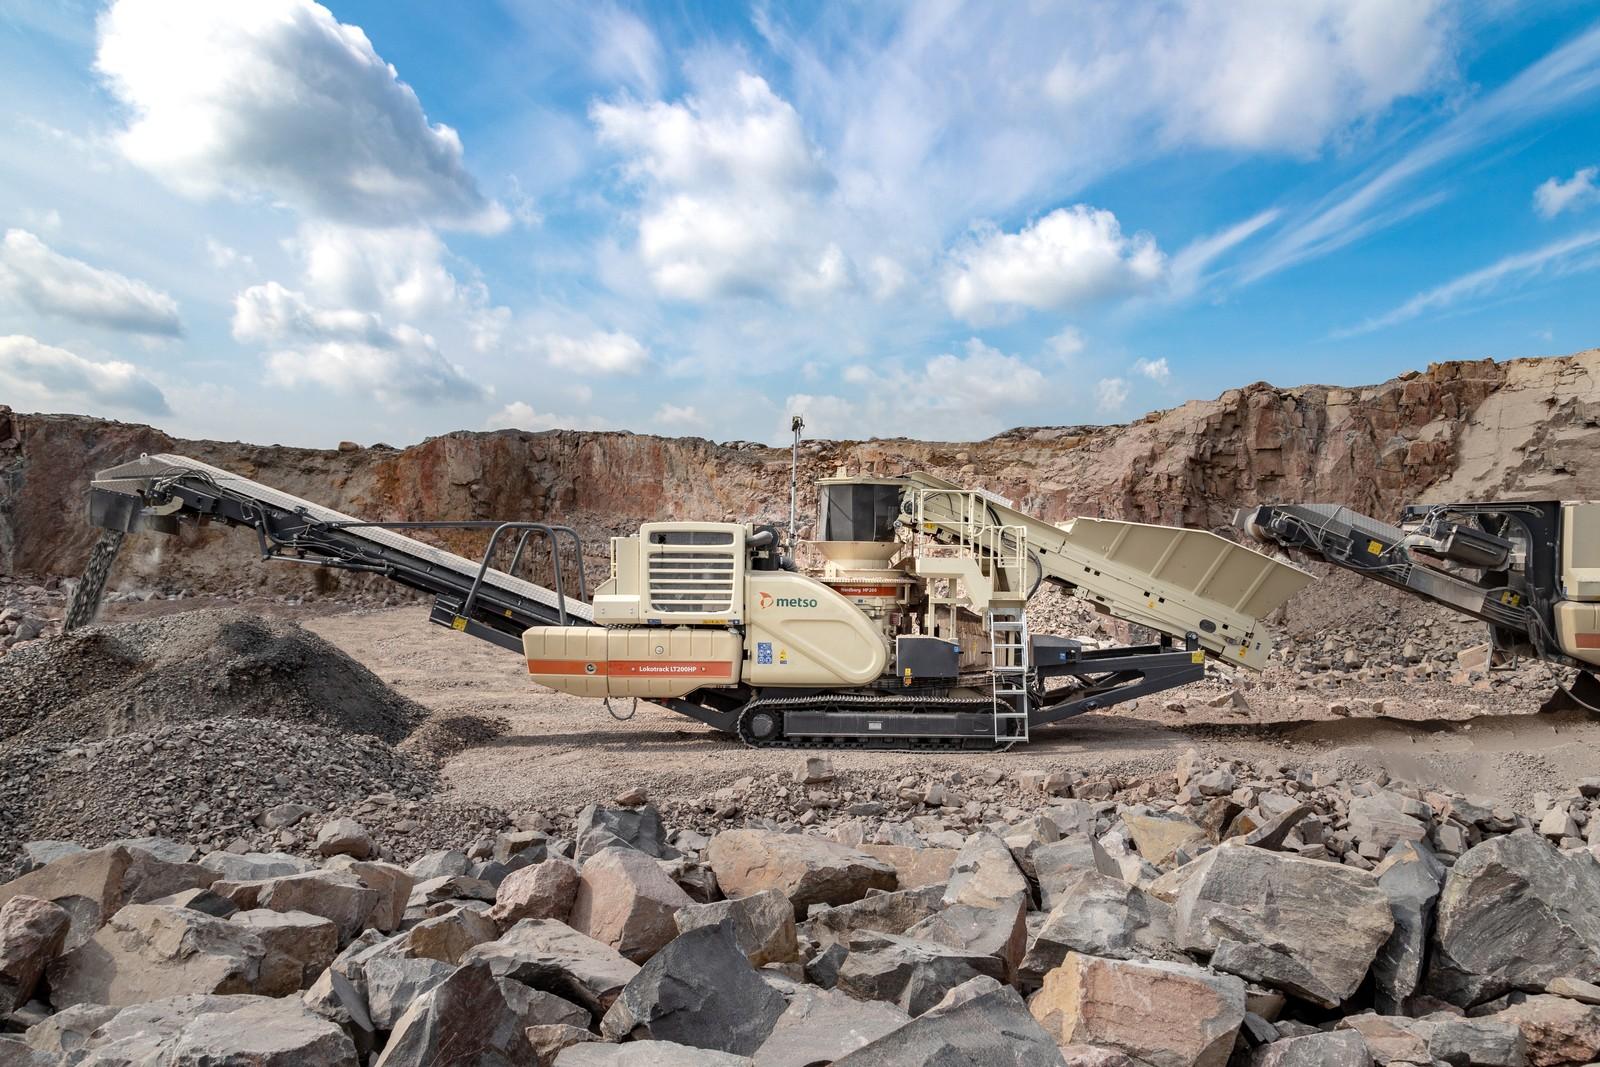 Auf der bauma 2019 wird Metso den erneuerten Lokotrack LT200HP vorstellen. Dank des direkten Keilriemenantriebes über ein Getriebe erzielt diese Lösung laut Metso Kraftstoffeinsparungen von mindestens 15 %.